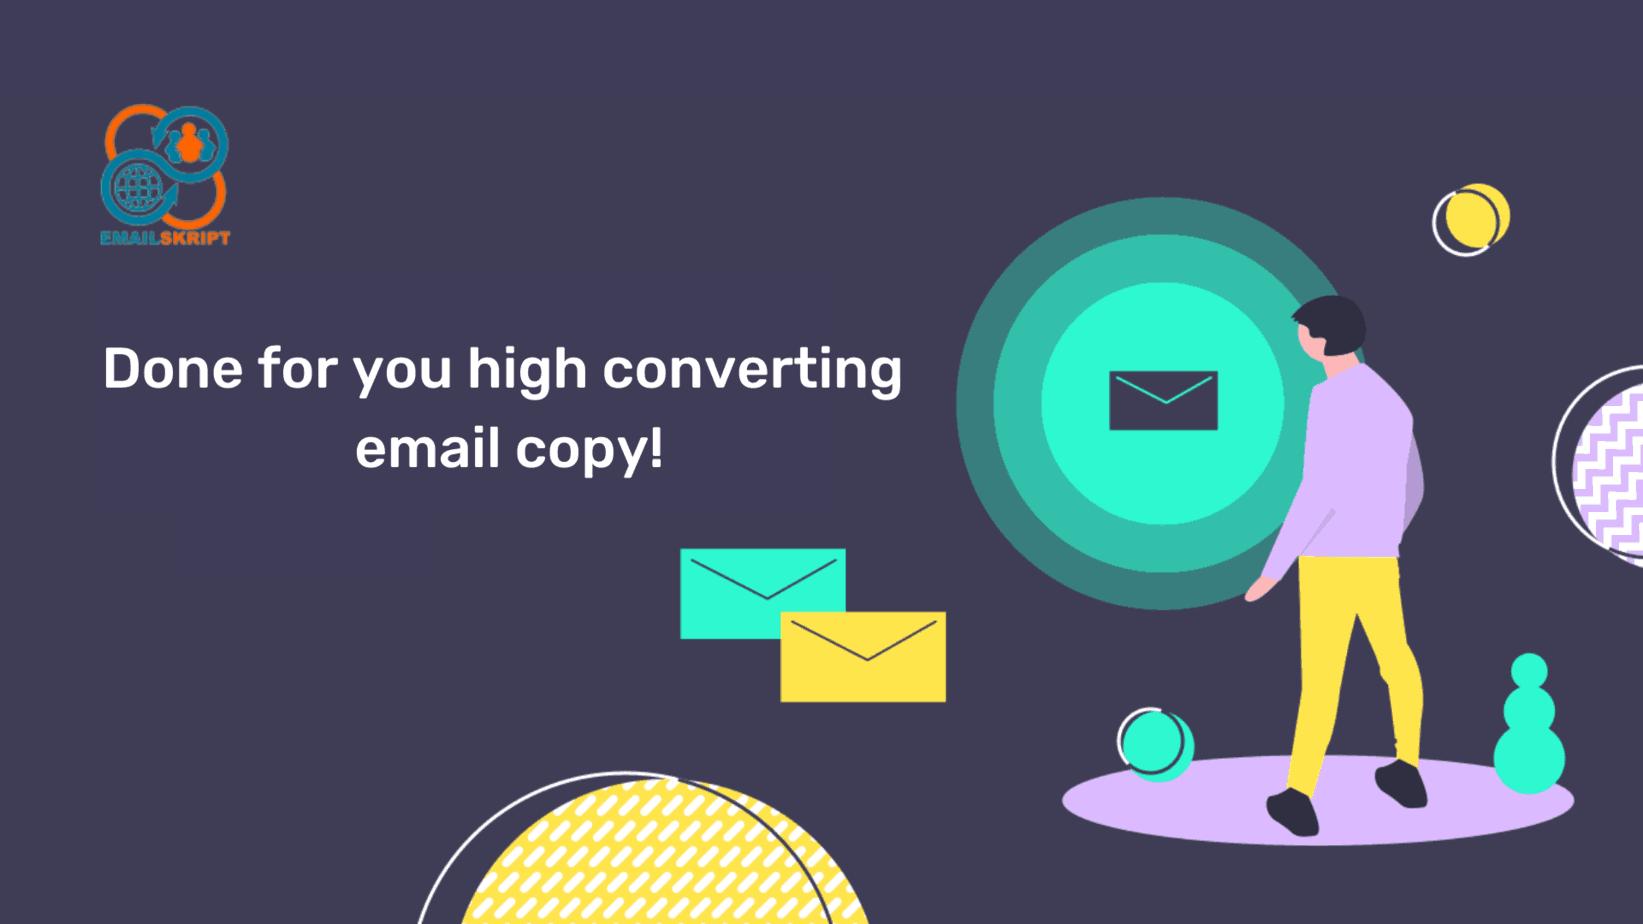 Email Skript Lifetime Deal Techlofy